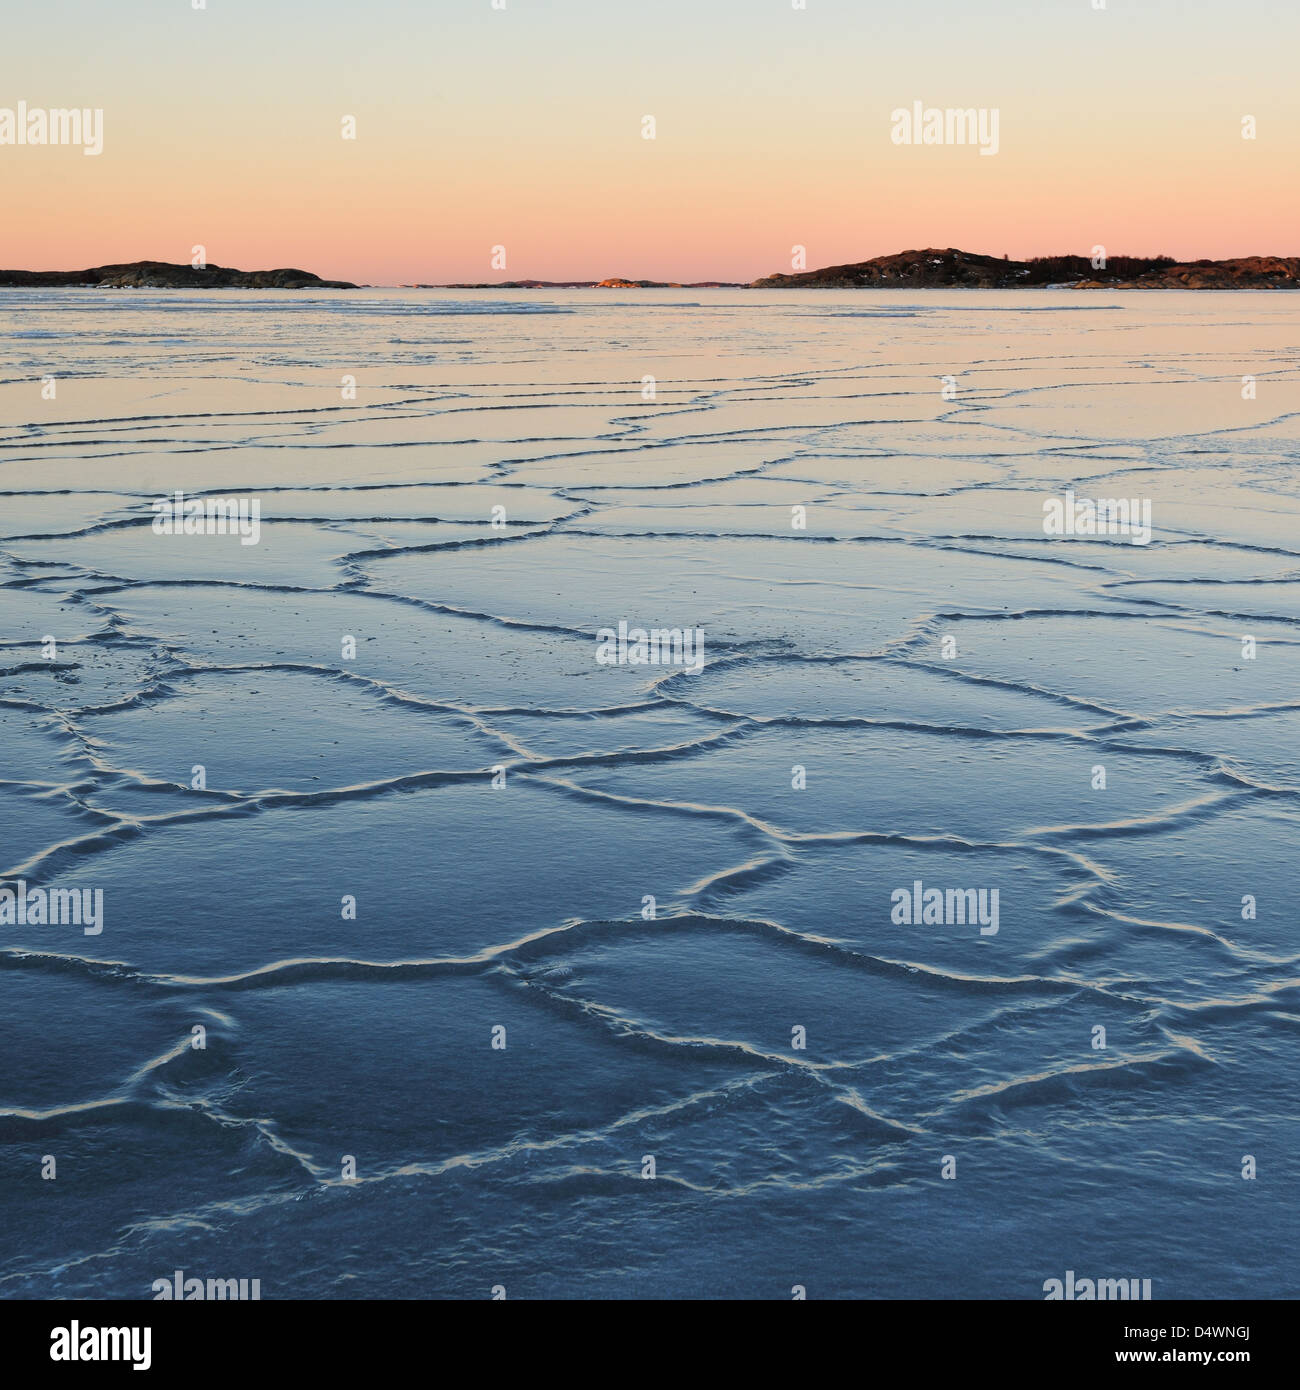 Frozen sea at Smithska Udden, Gotenburg, Sweden, Europe - Stock Image